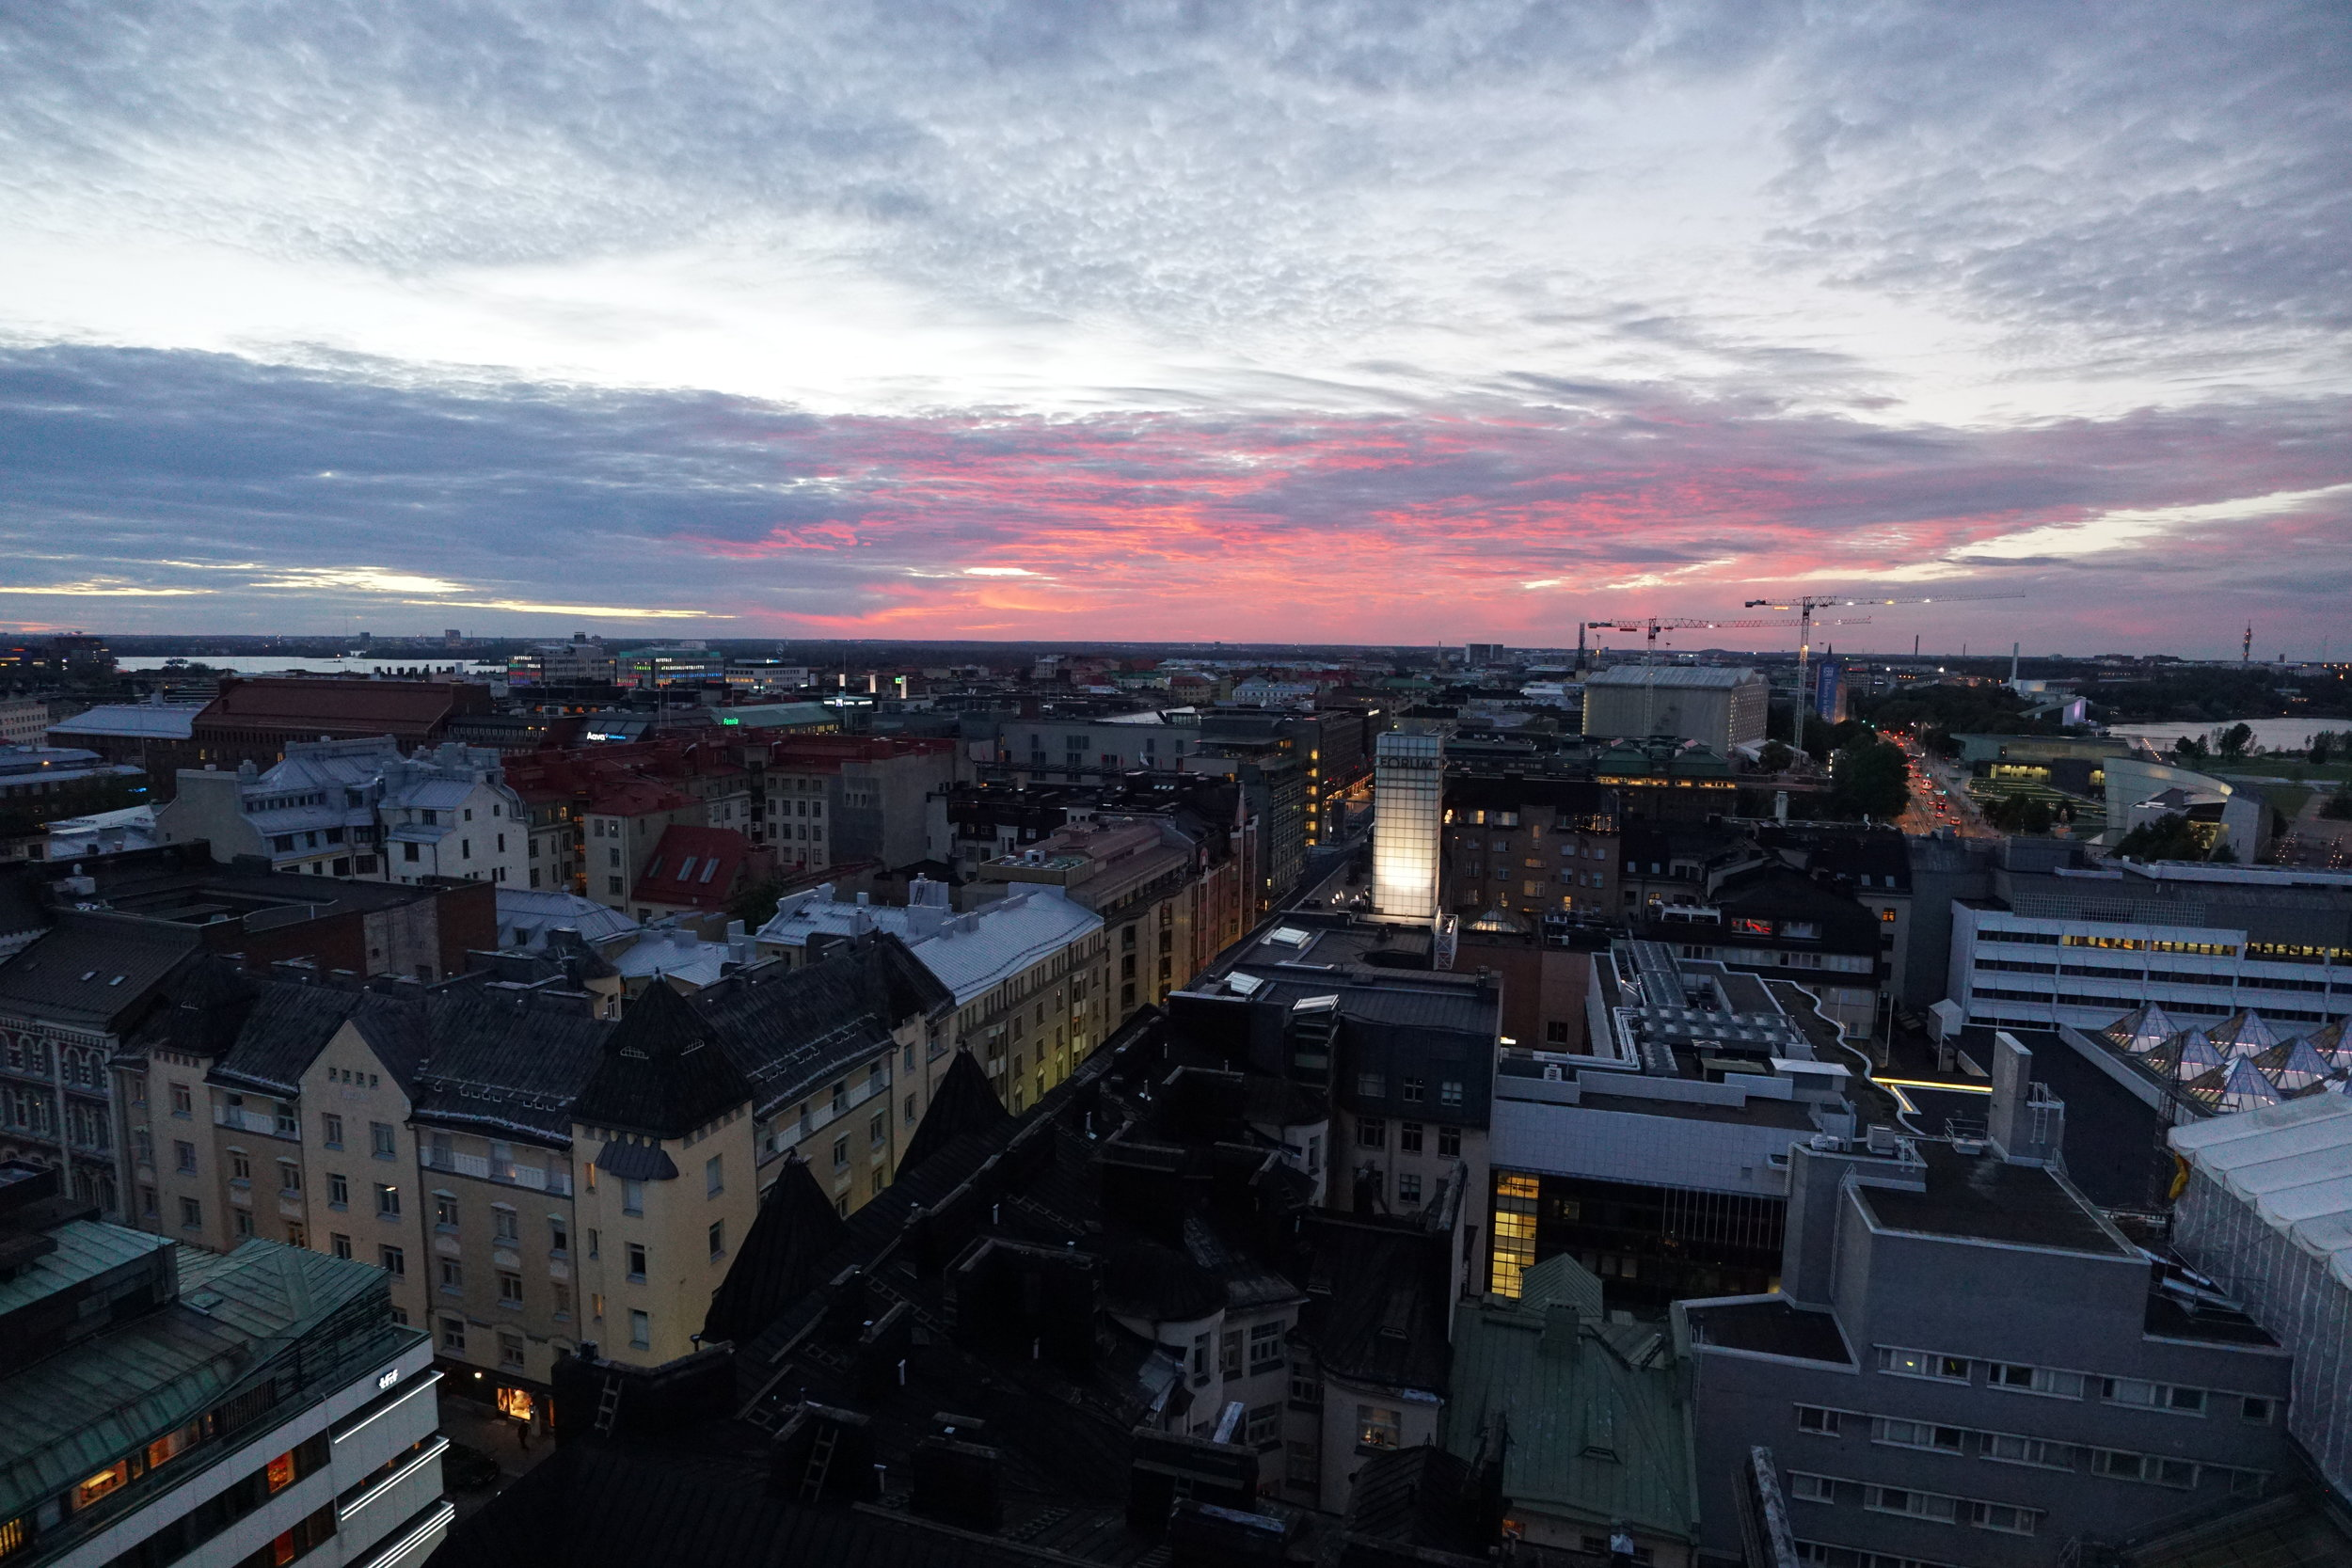 Can you believe it's 9 pm in Helsinki?